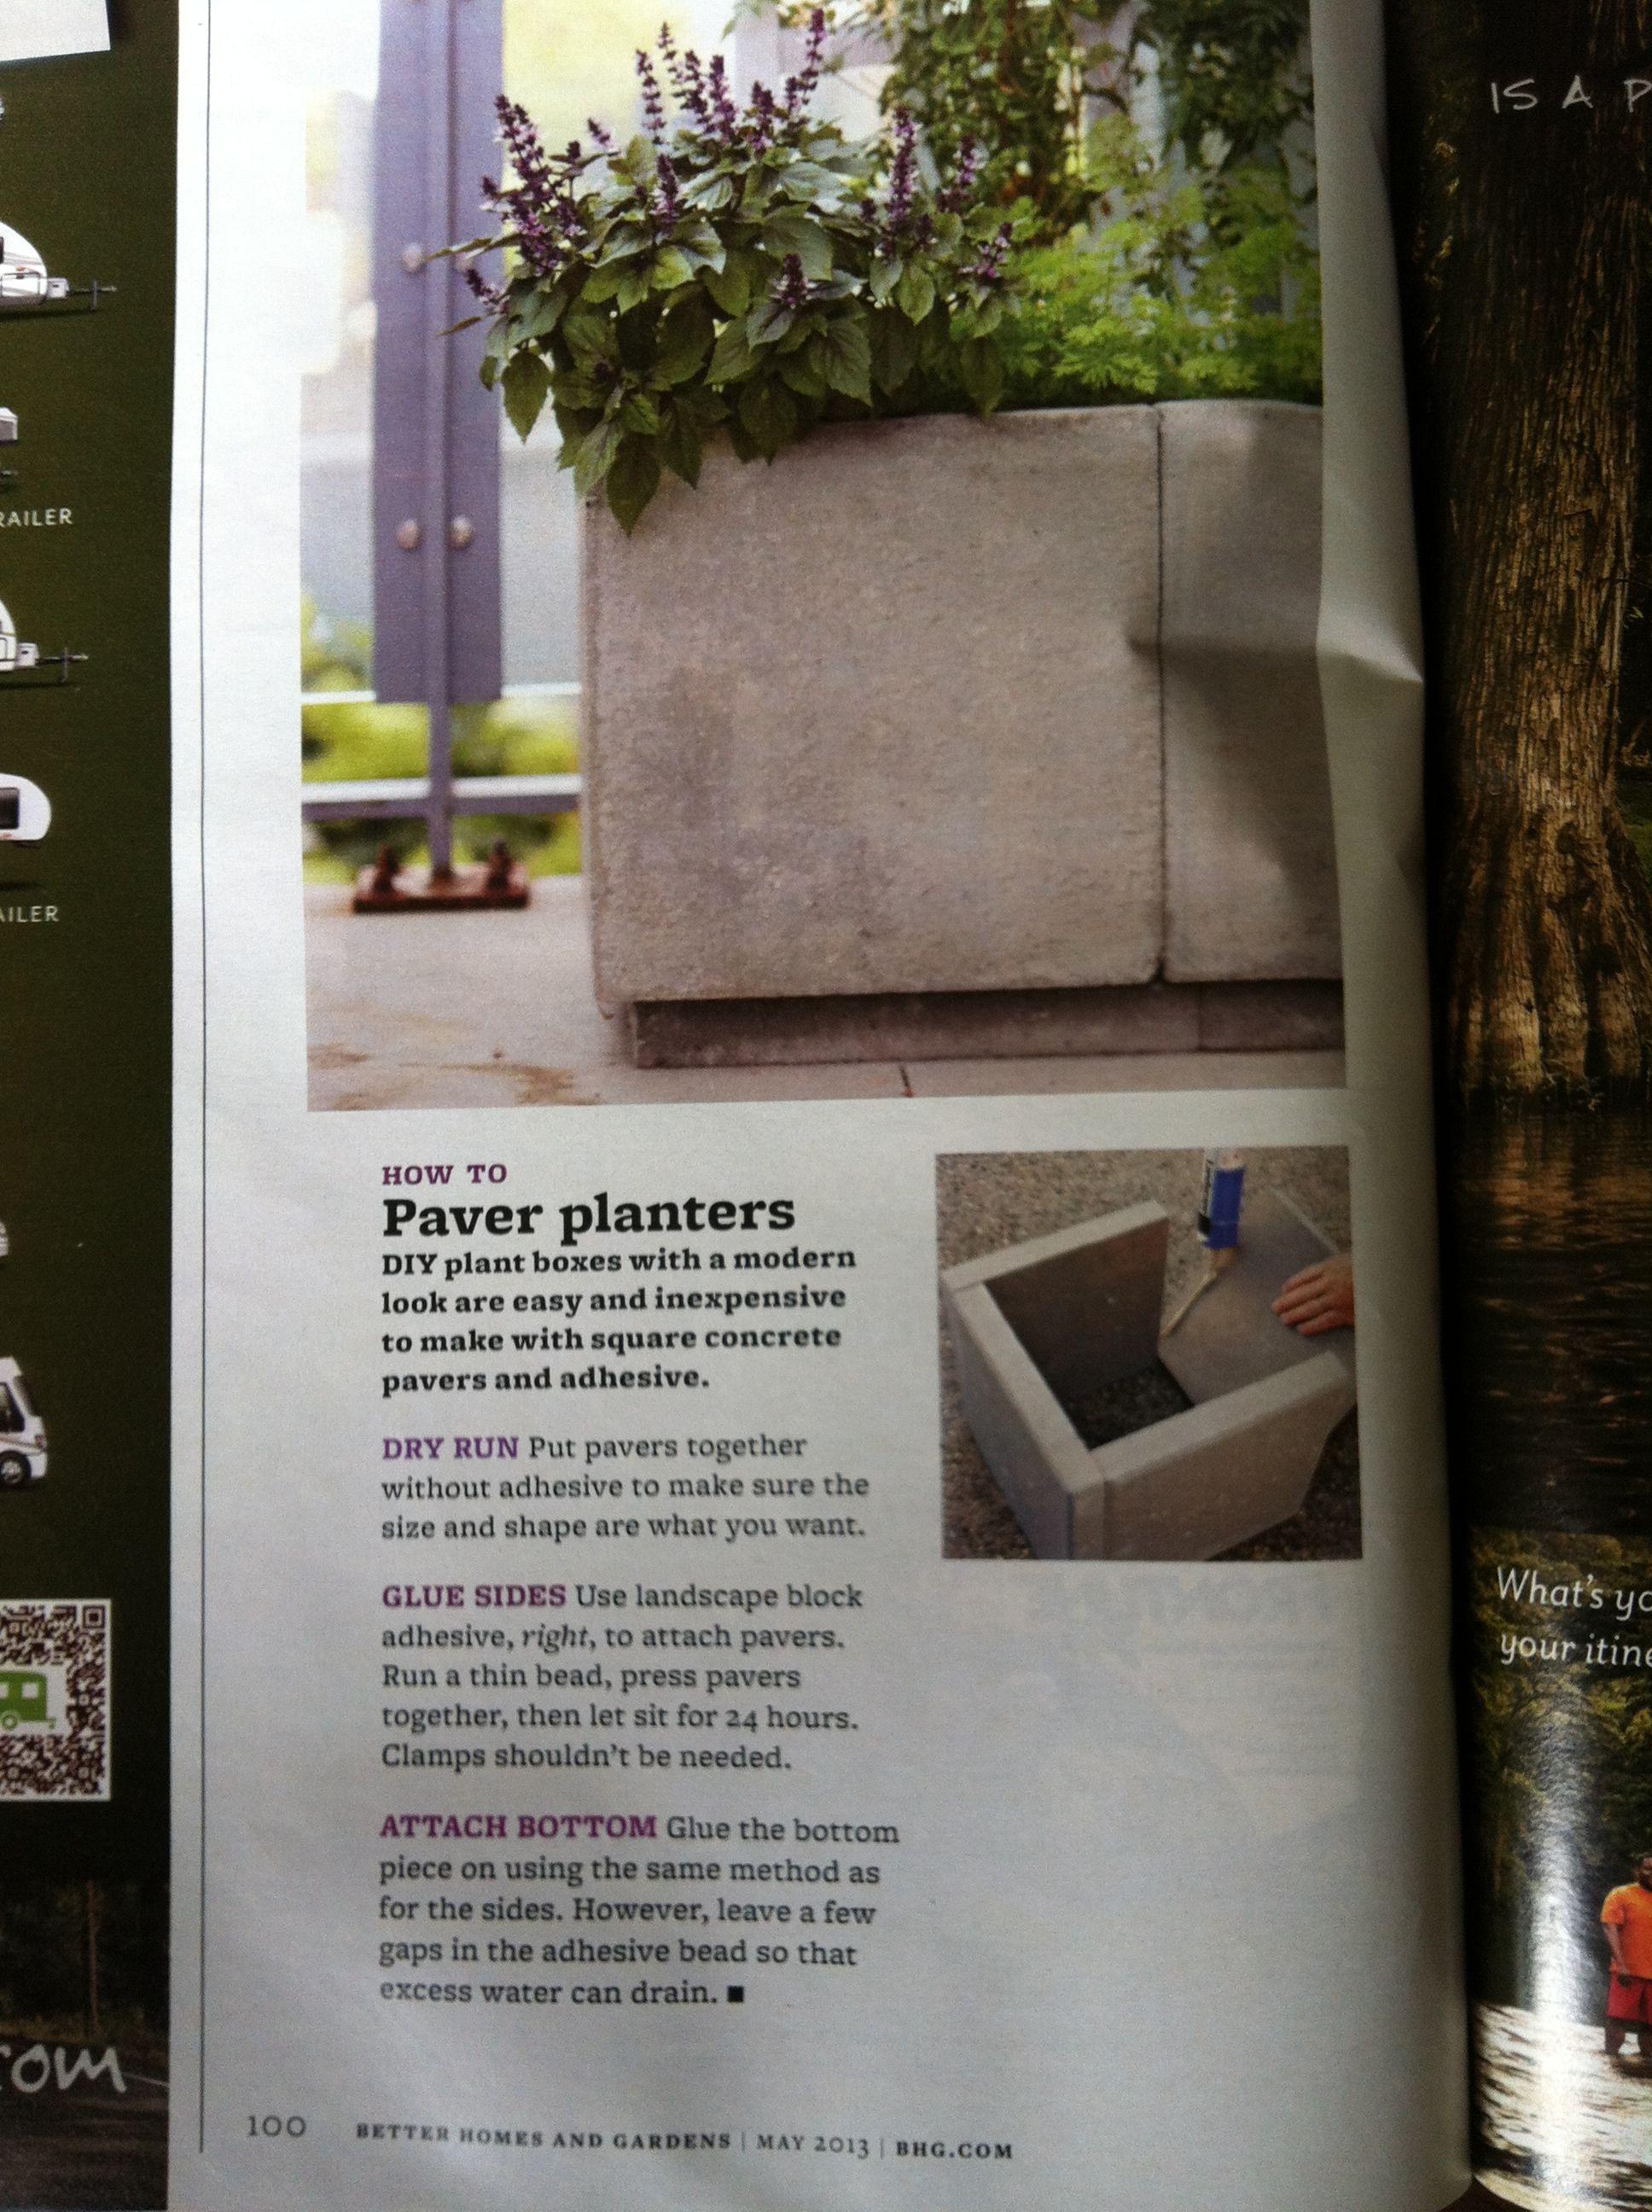 Making Plant Boxes With Square Concrete Pavers Landscape Block Adhesive Plant Box Diy Planters Diy Plants